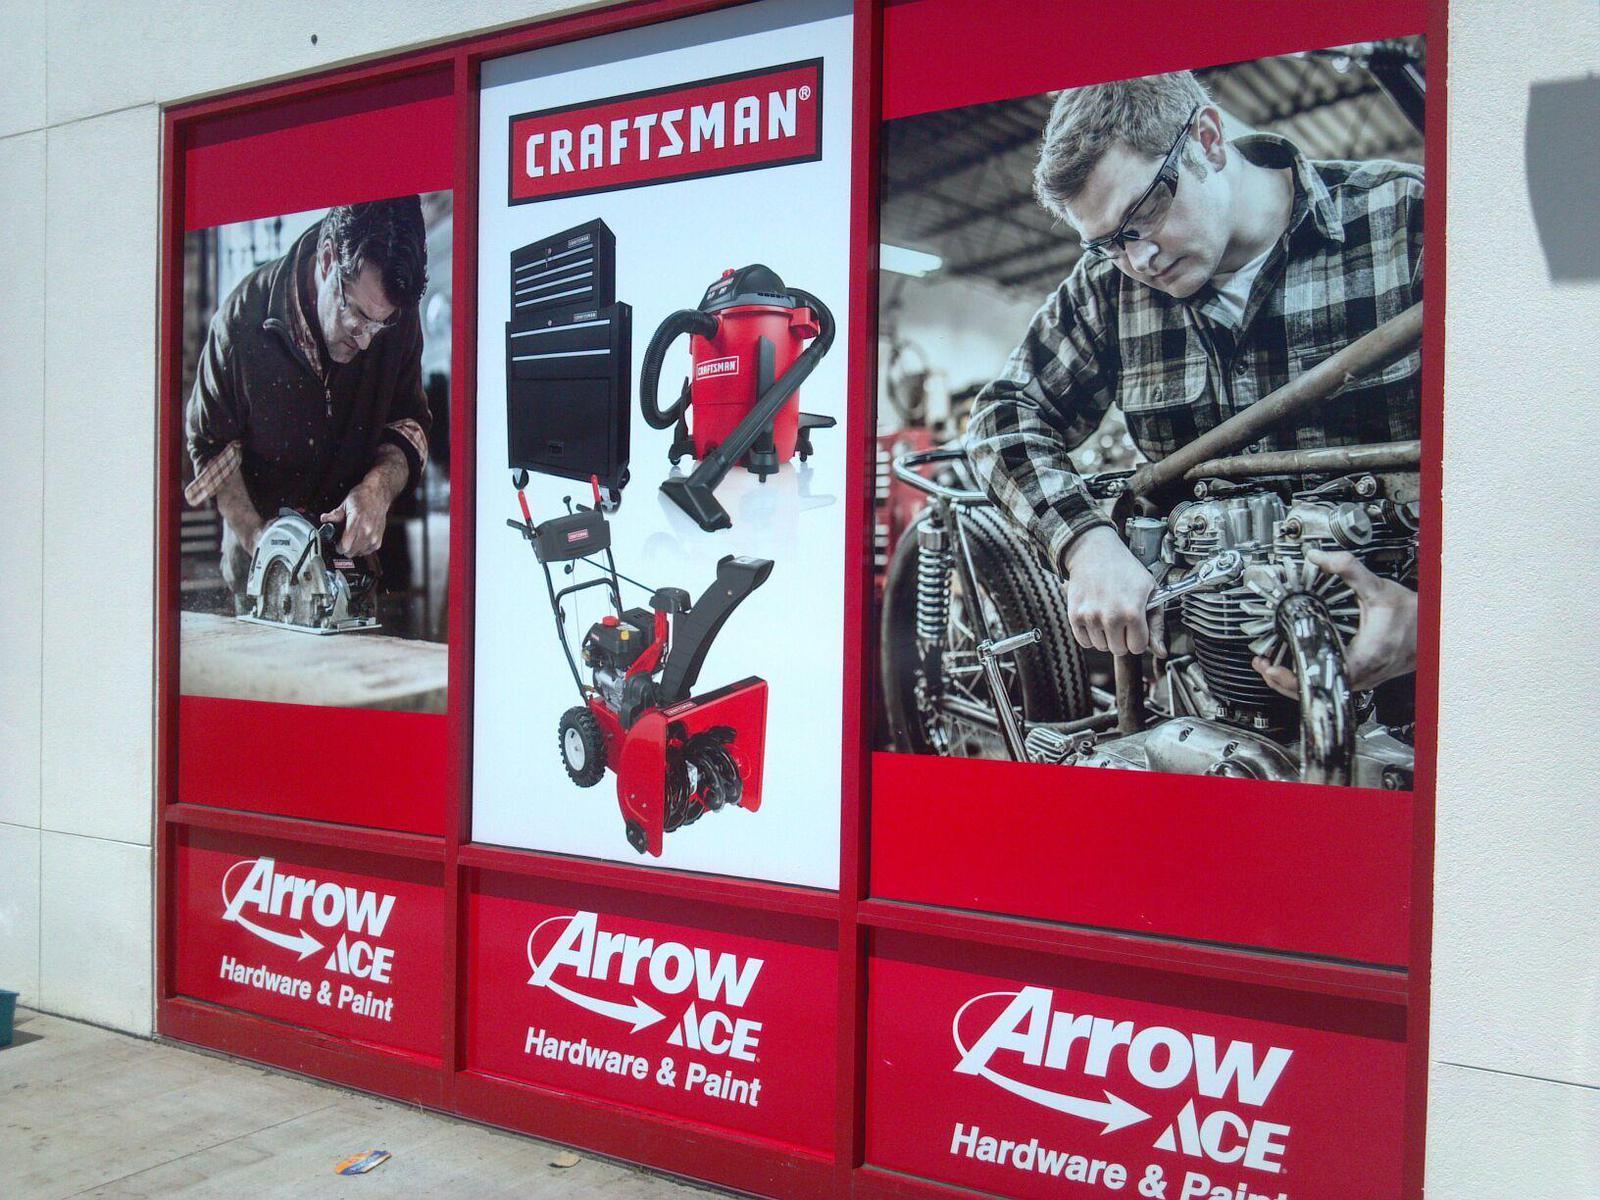 Arrow Ace Hardware Gallery Arrow Ace Hardware & Paint